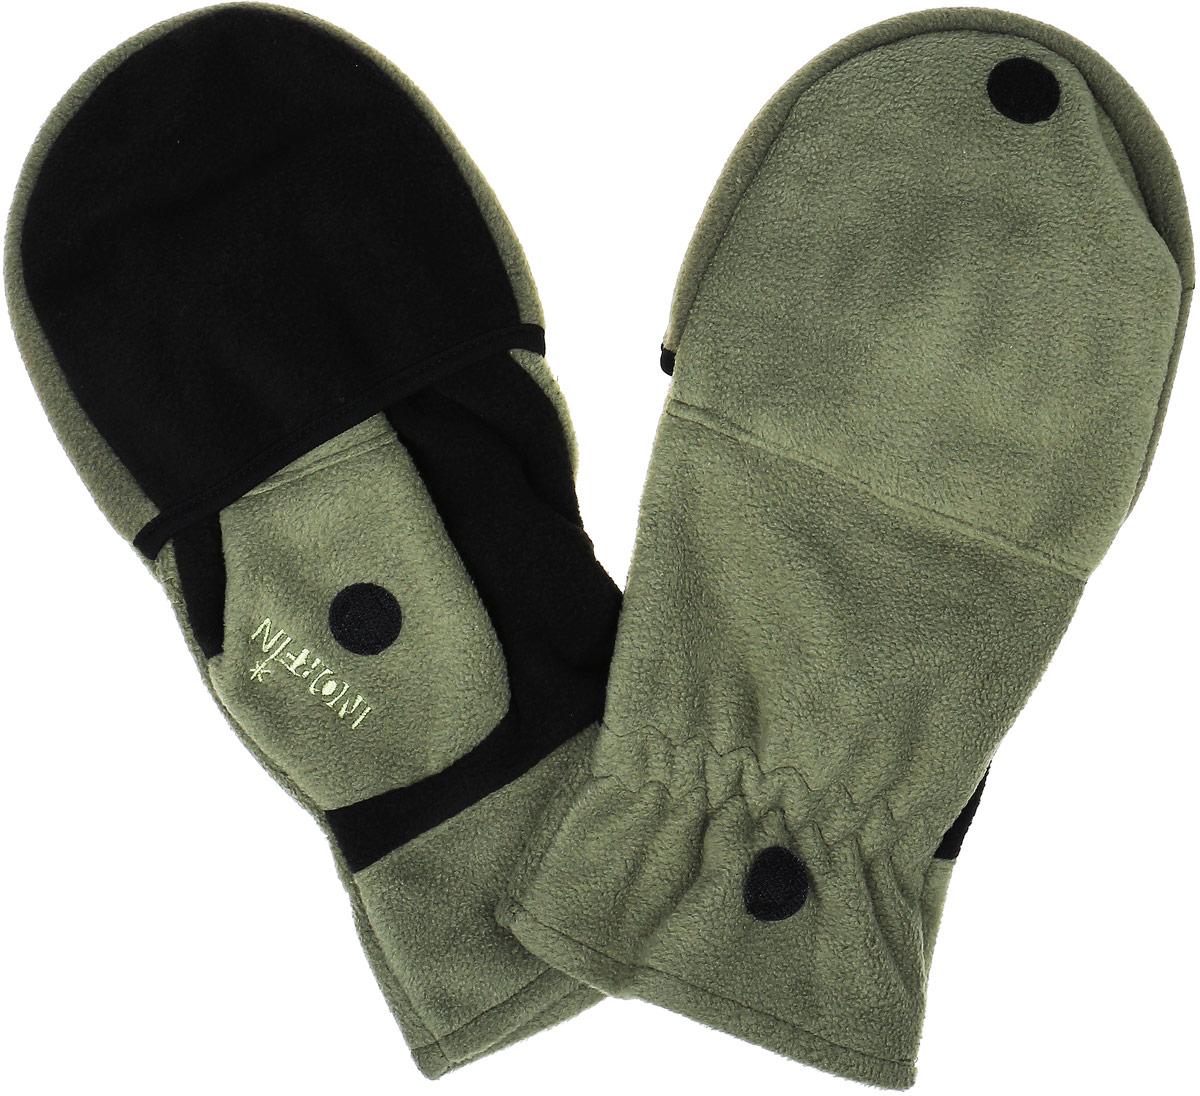 Перчатки701103Перчатки-варежки Norfin 73 защитят ваши руки. Они хорошо сохраняют тепло, мягкие, идеально сидят на руке. Перчатки-варежки выполнены из флиса. Изделие представляет собой перчатки без пальцев, к внешней стороне которых крепится капюшон, накинув его на пальцы, перчатки превращаются в варежки. На большом пальце имеется отверстие. Капюшон фиксируется на перчатке при помощи липучки.